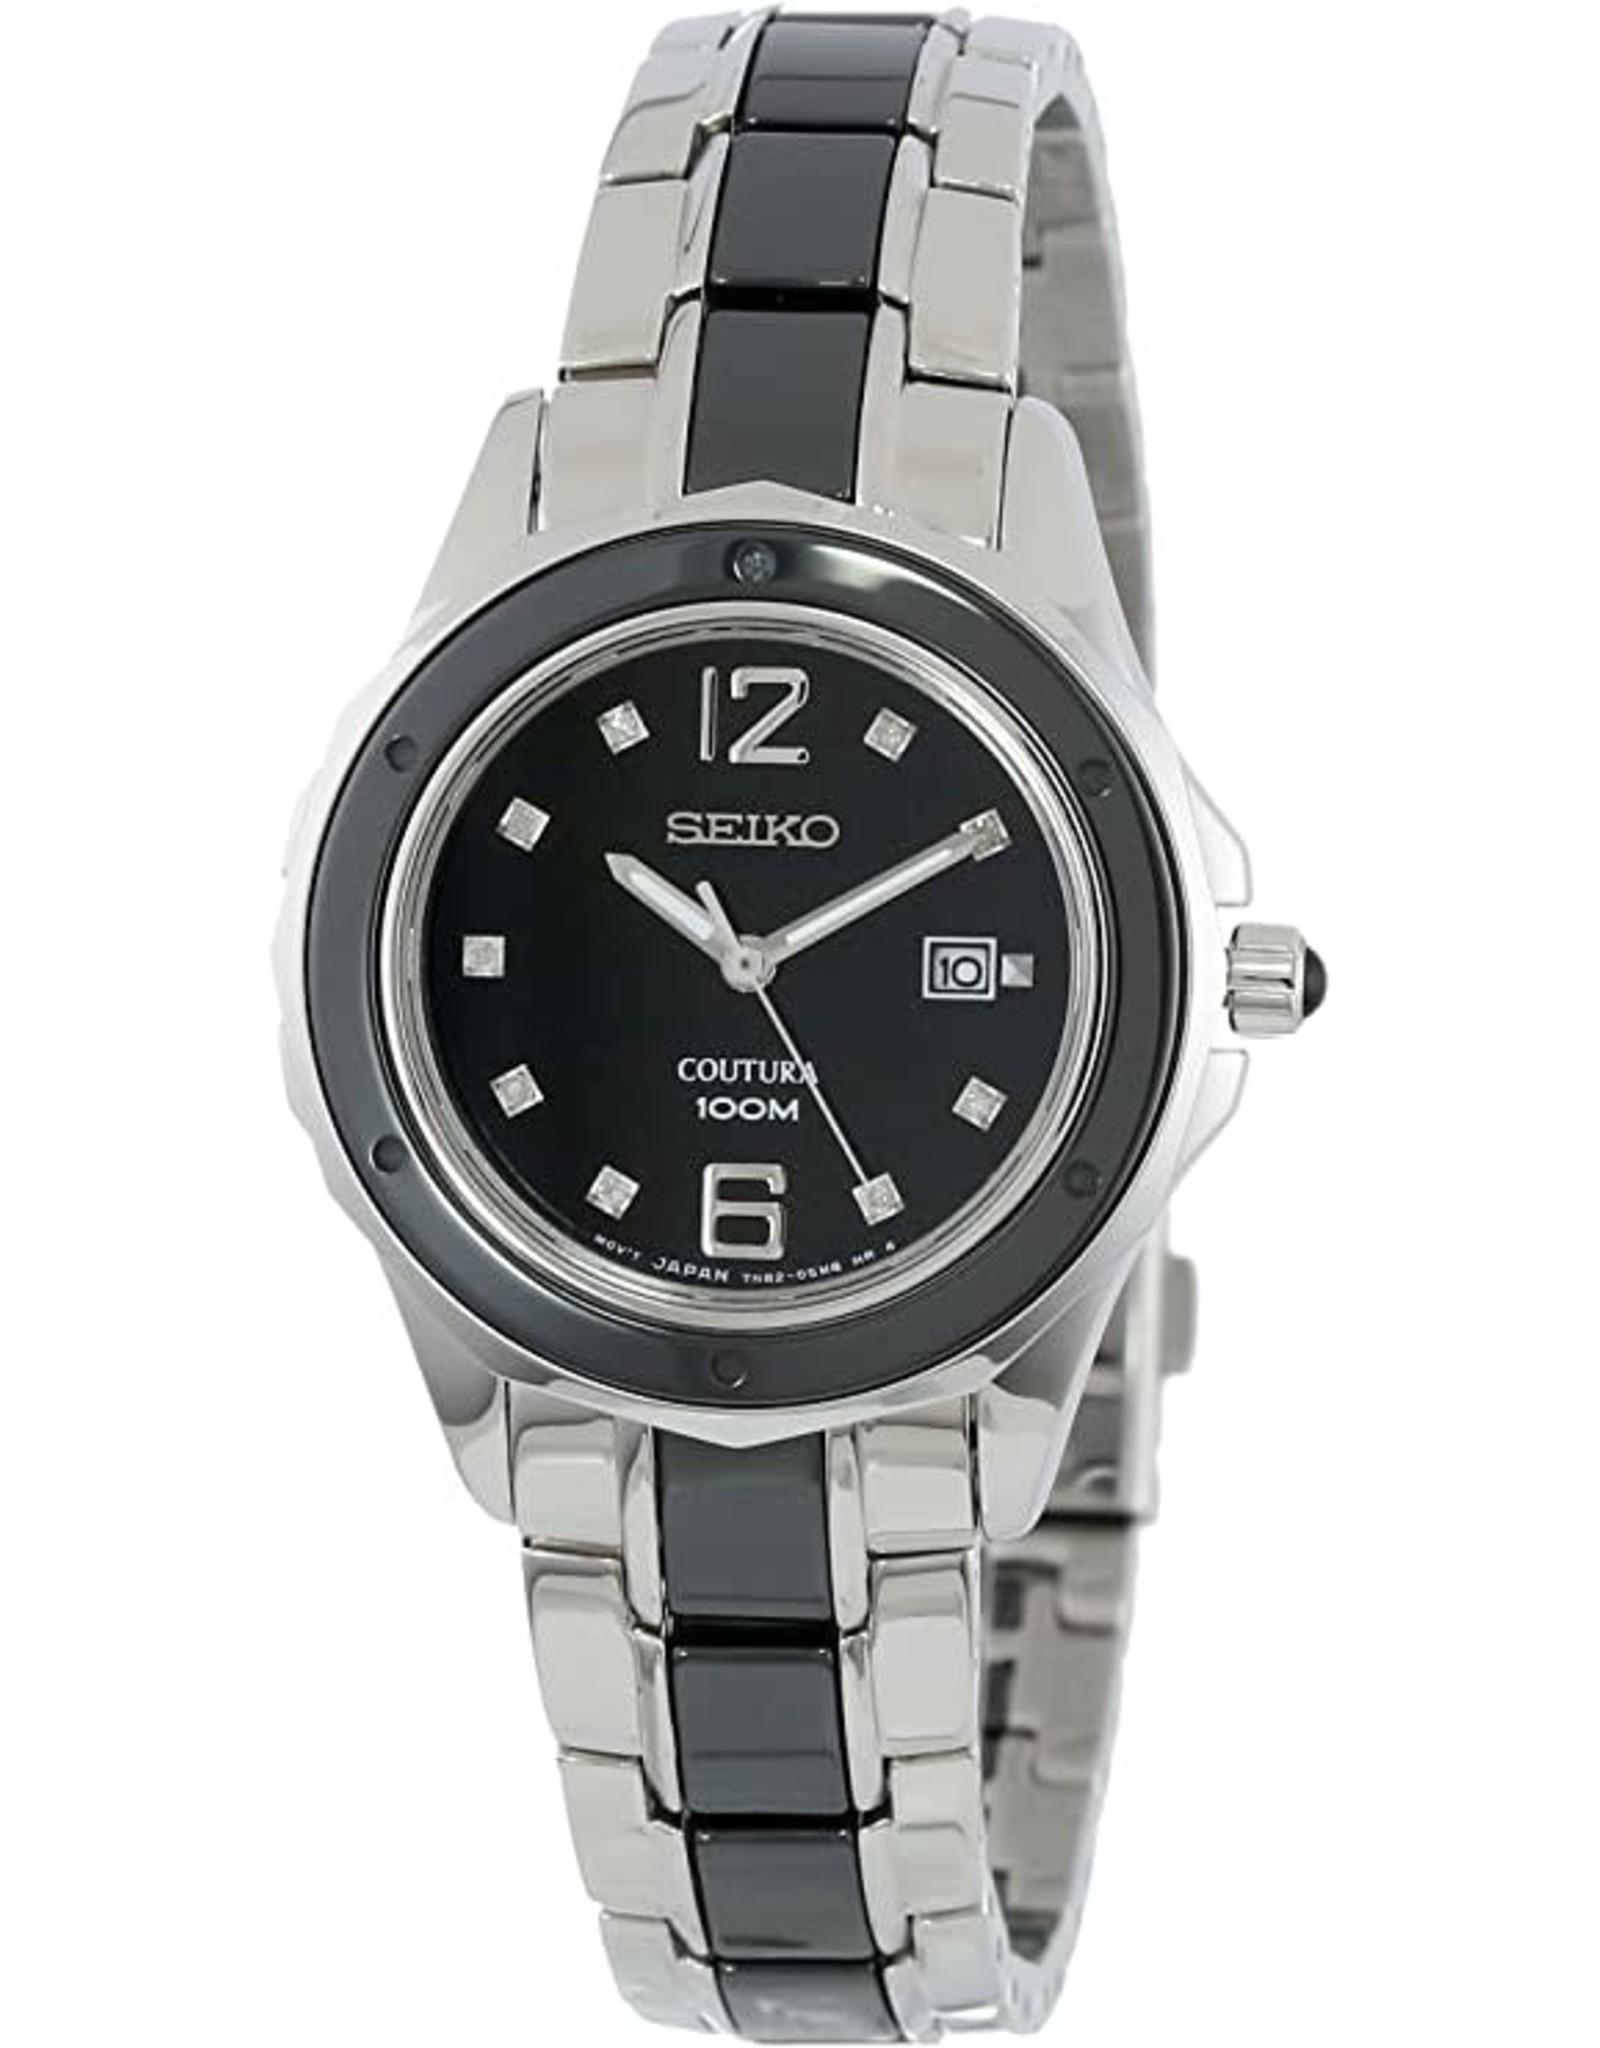 Ladies Seiko Coutura Watch with 2-tone Black Diamond Dial, 31mm